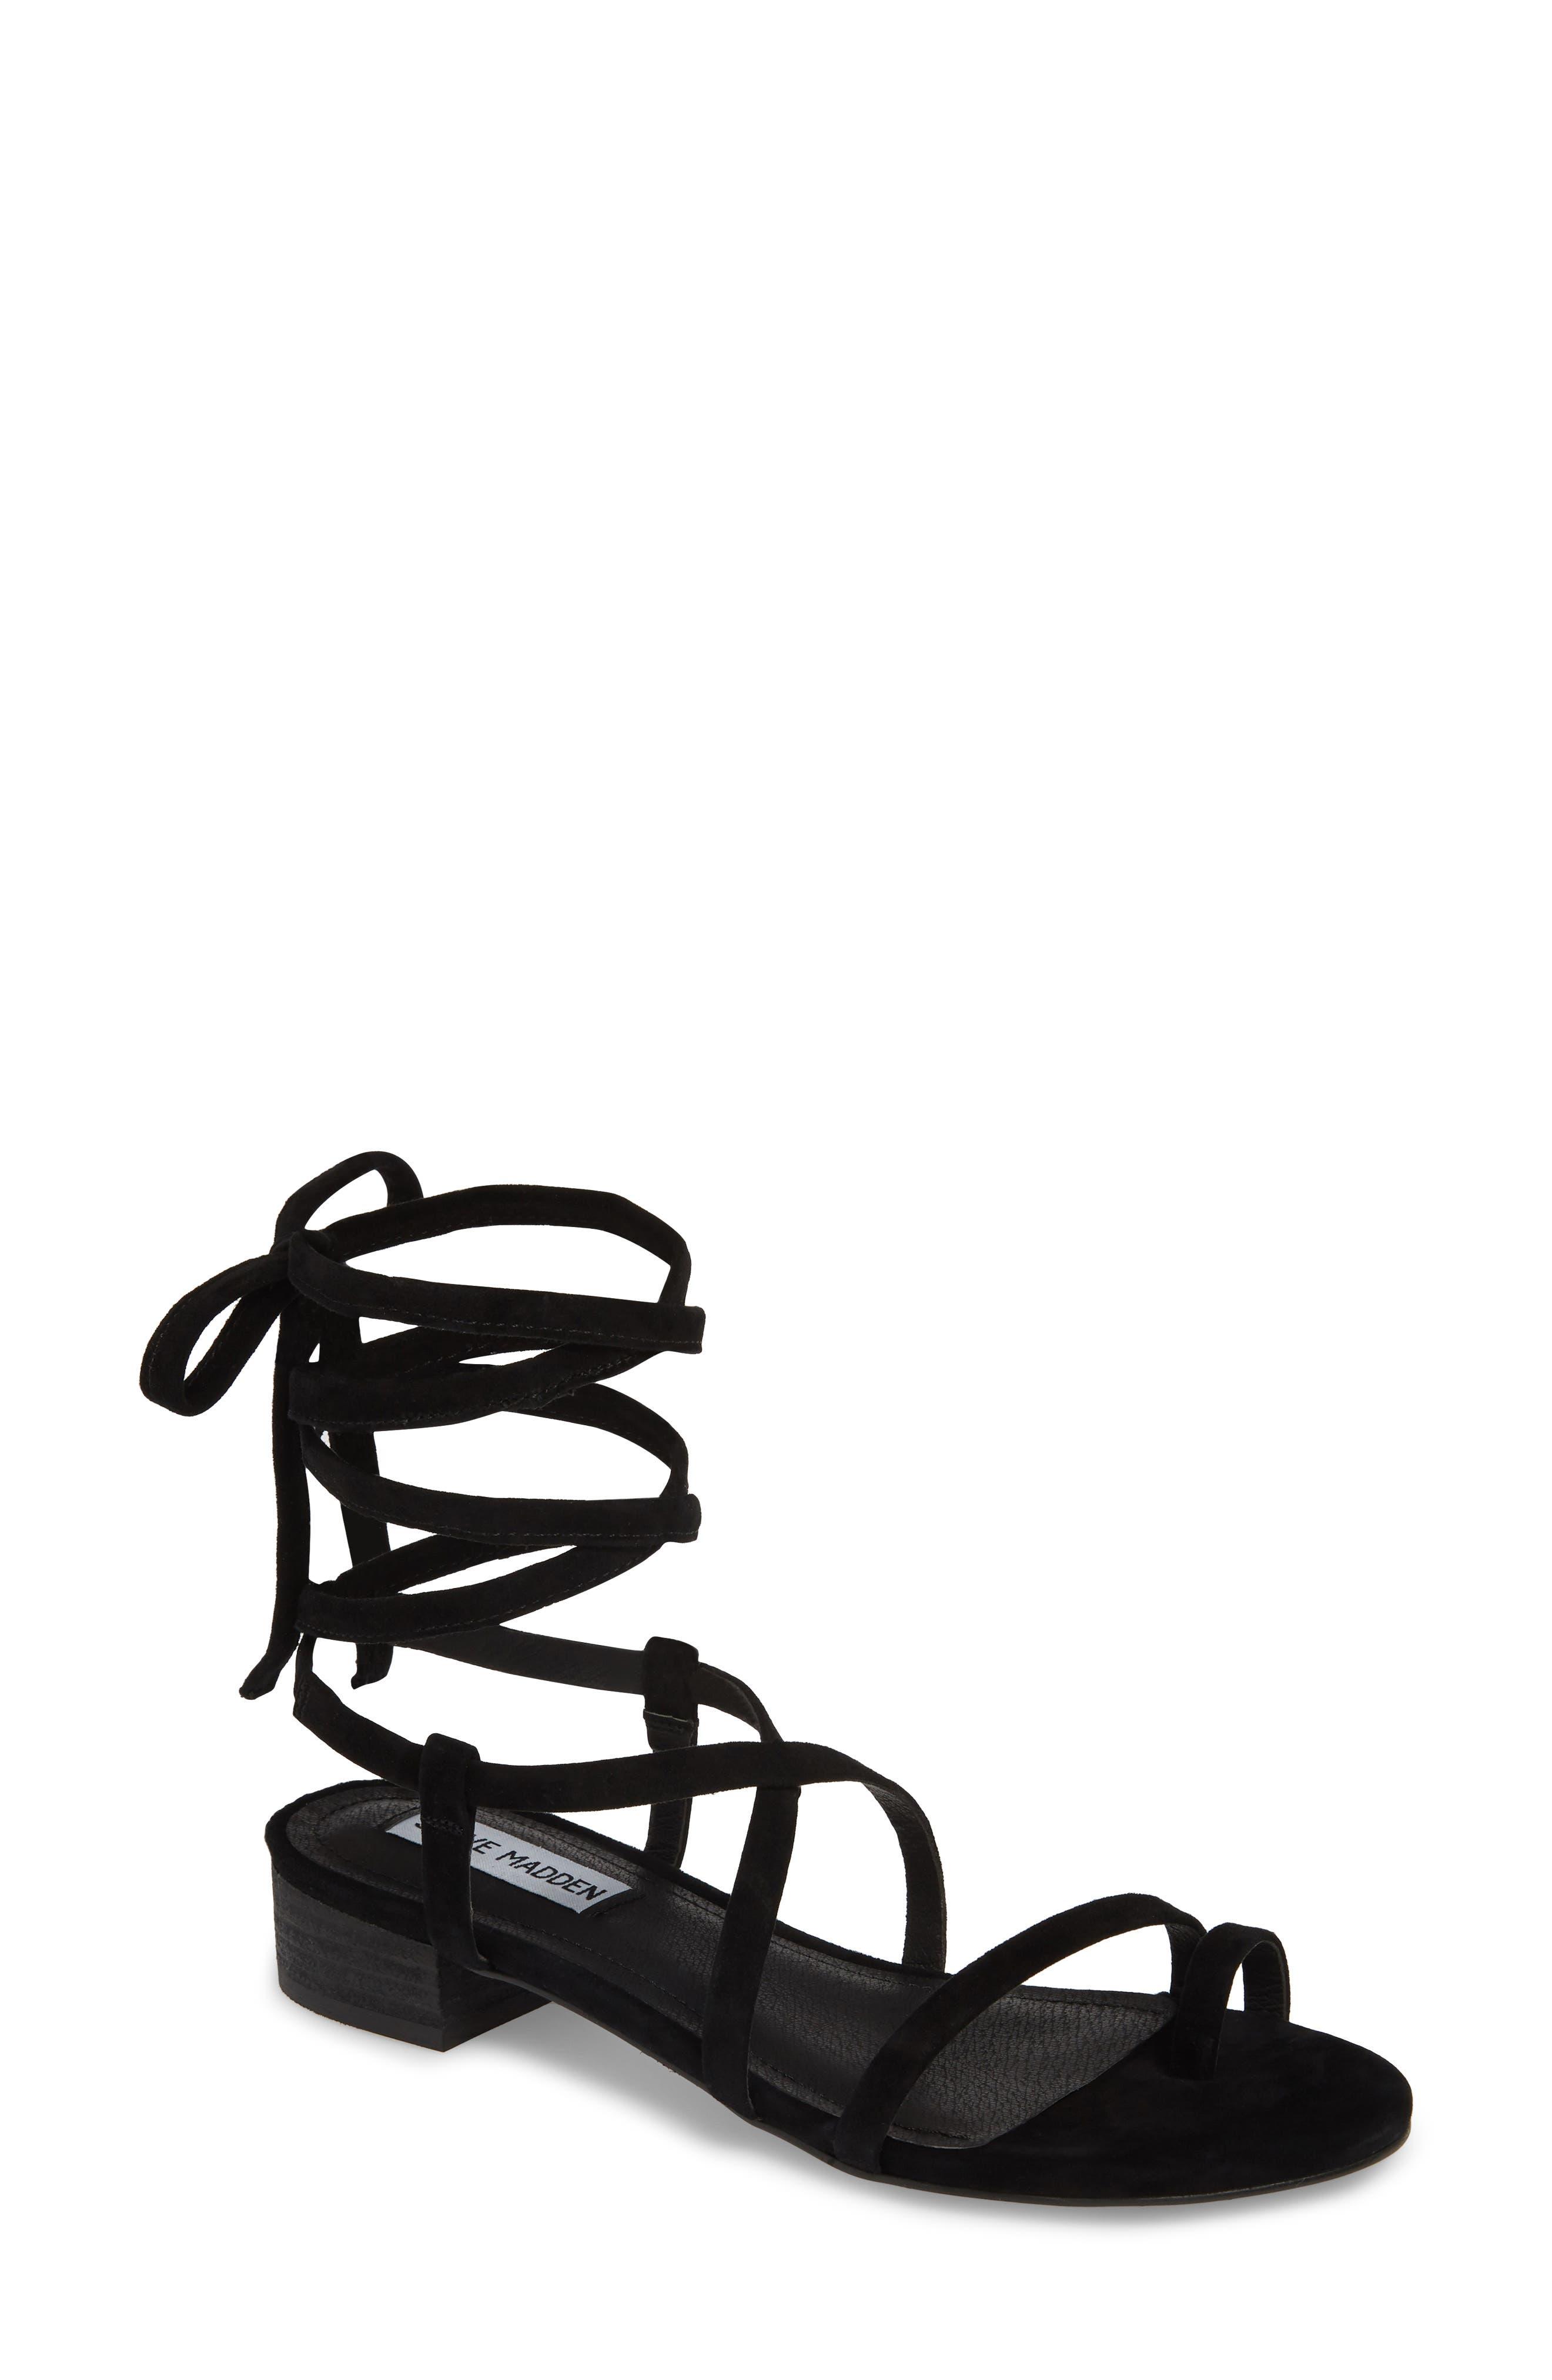 Steve Madden Adrenaline Lace-Up Sandal- Black